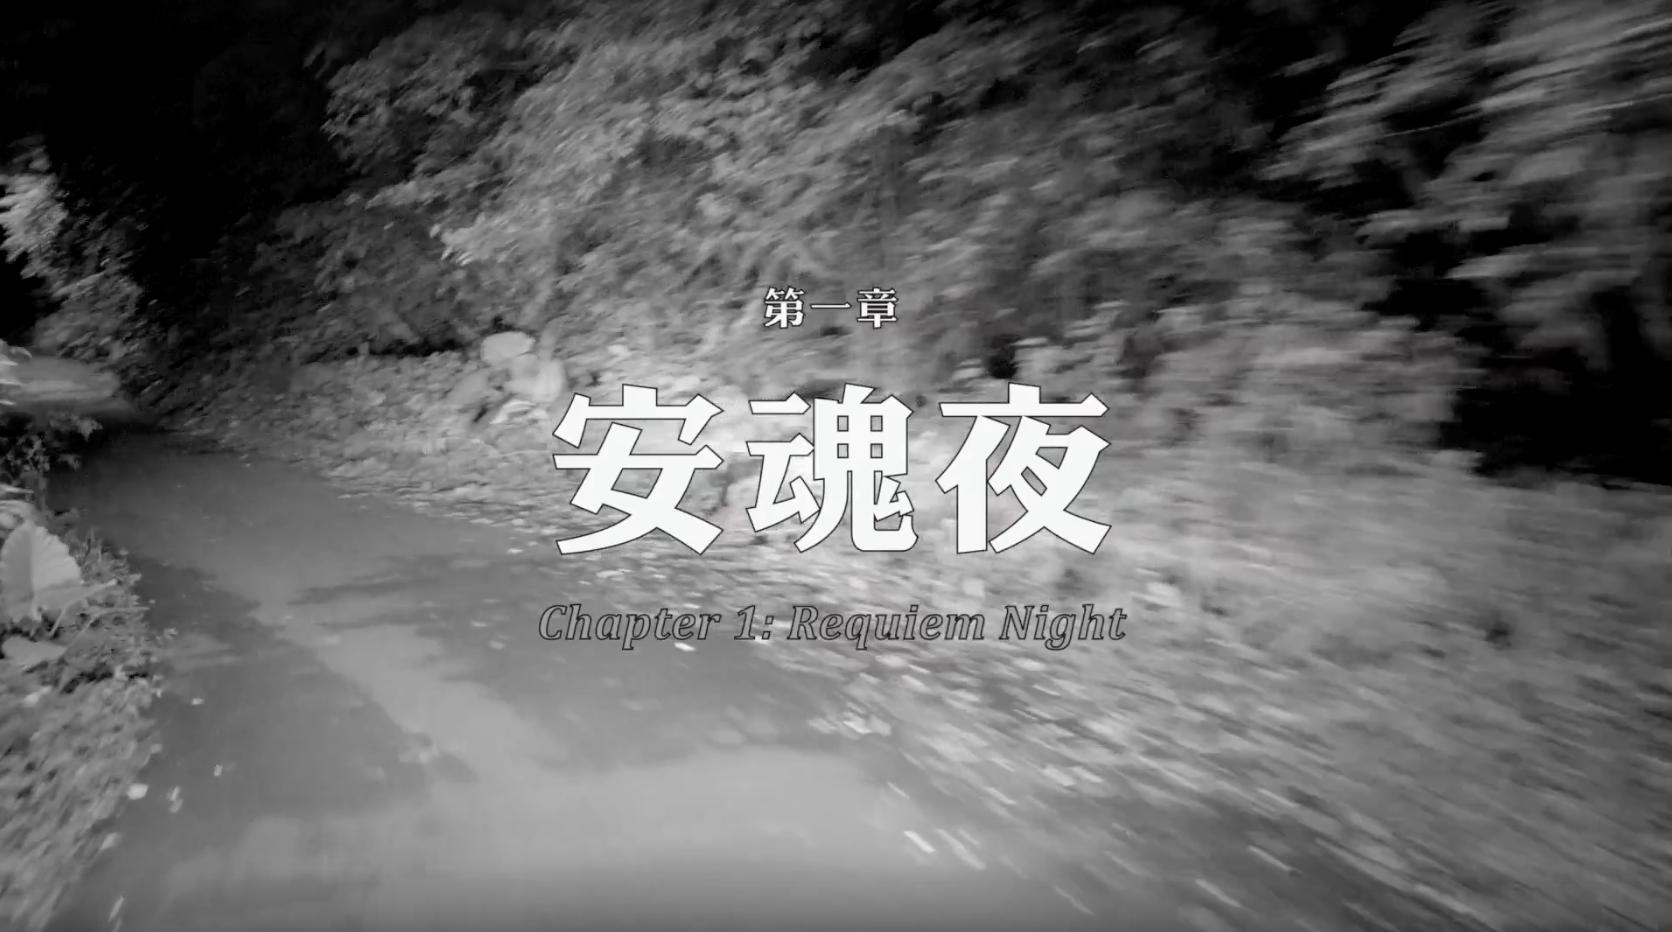 Screen Shot 2018-03-07 at 5.39.33 PM.png